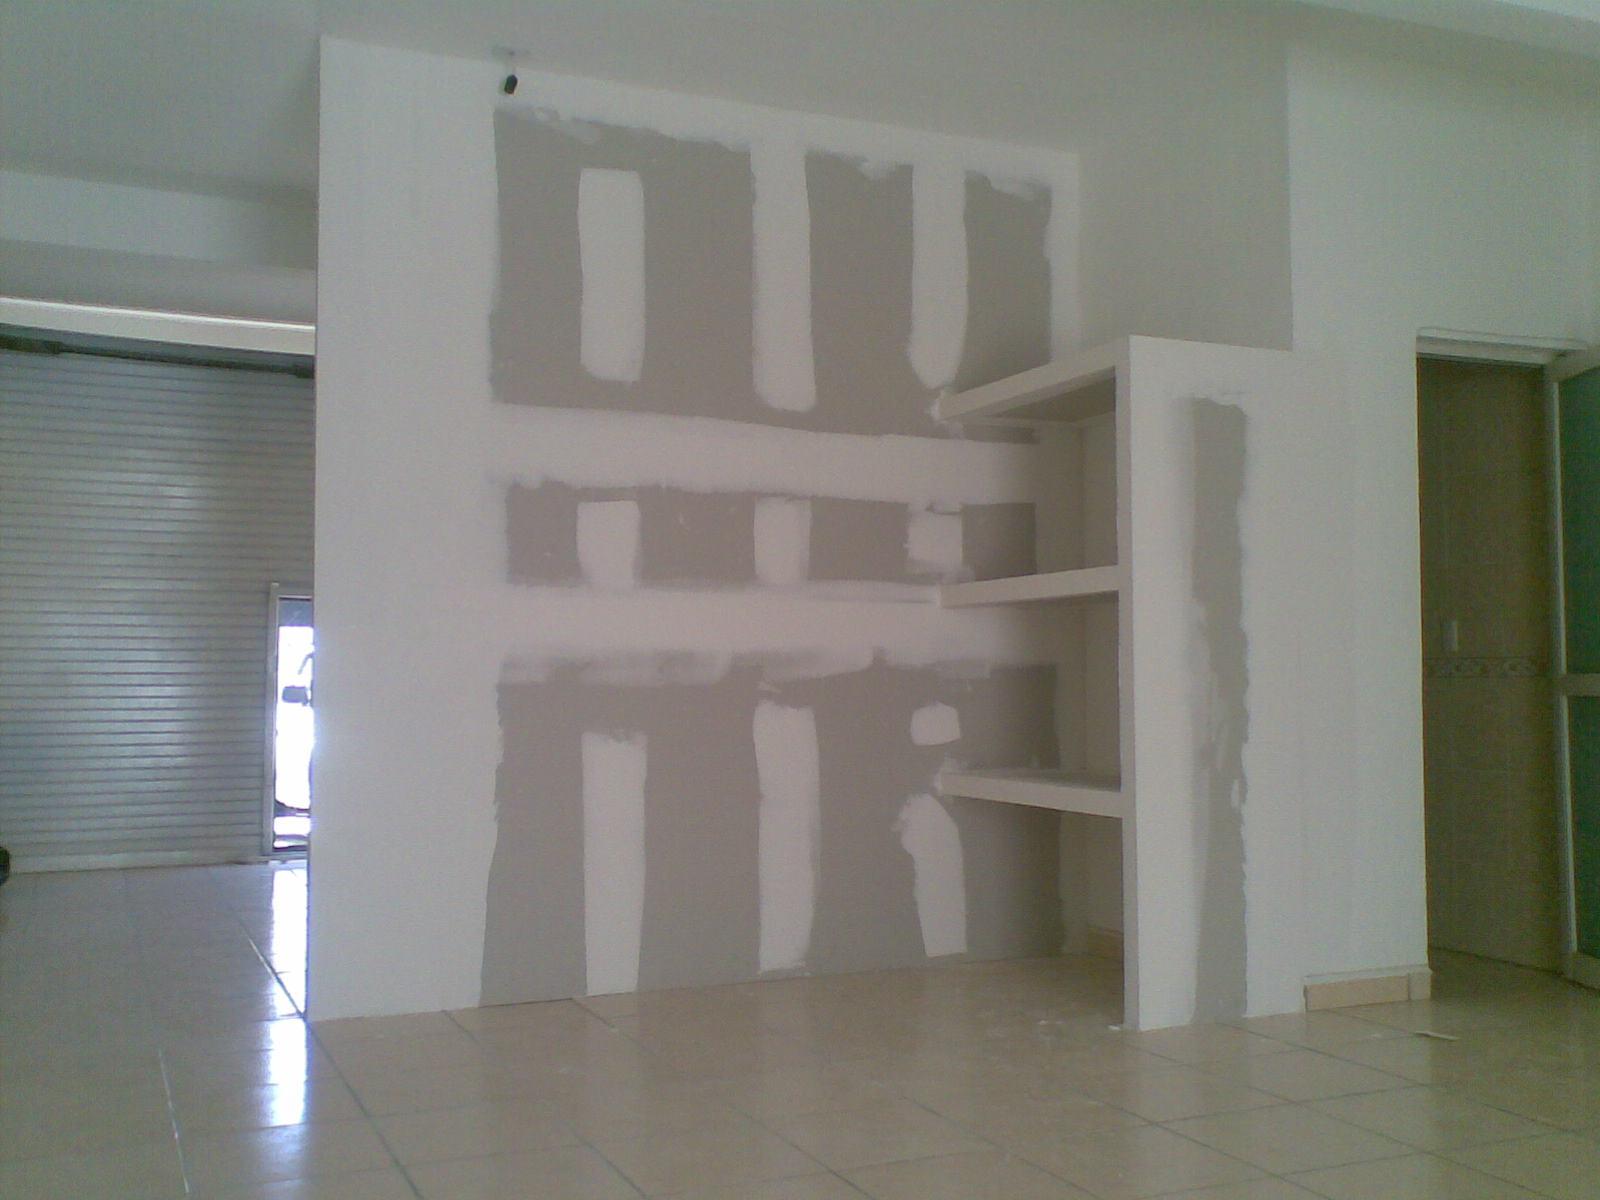 Muros tablaroca guadalajara imperllanta utilcel durock for Plafones de pared exterior